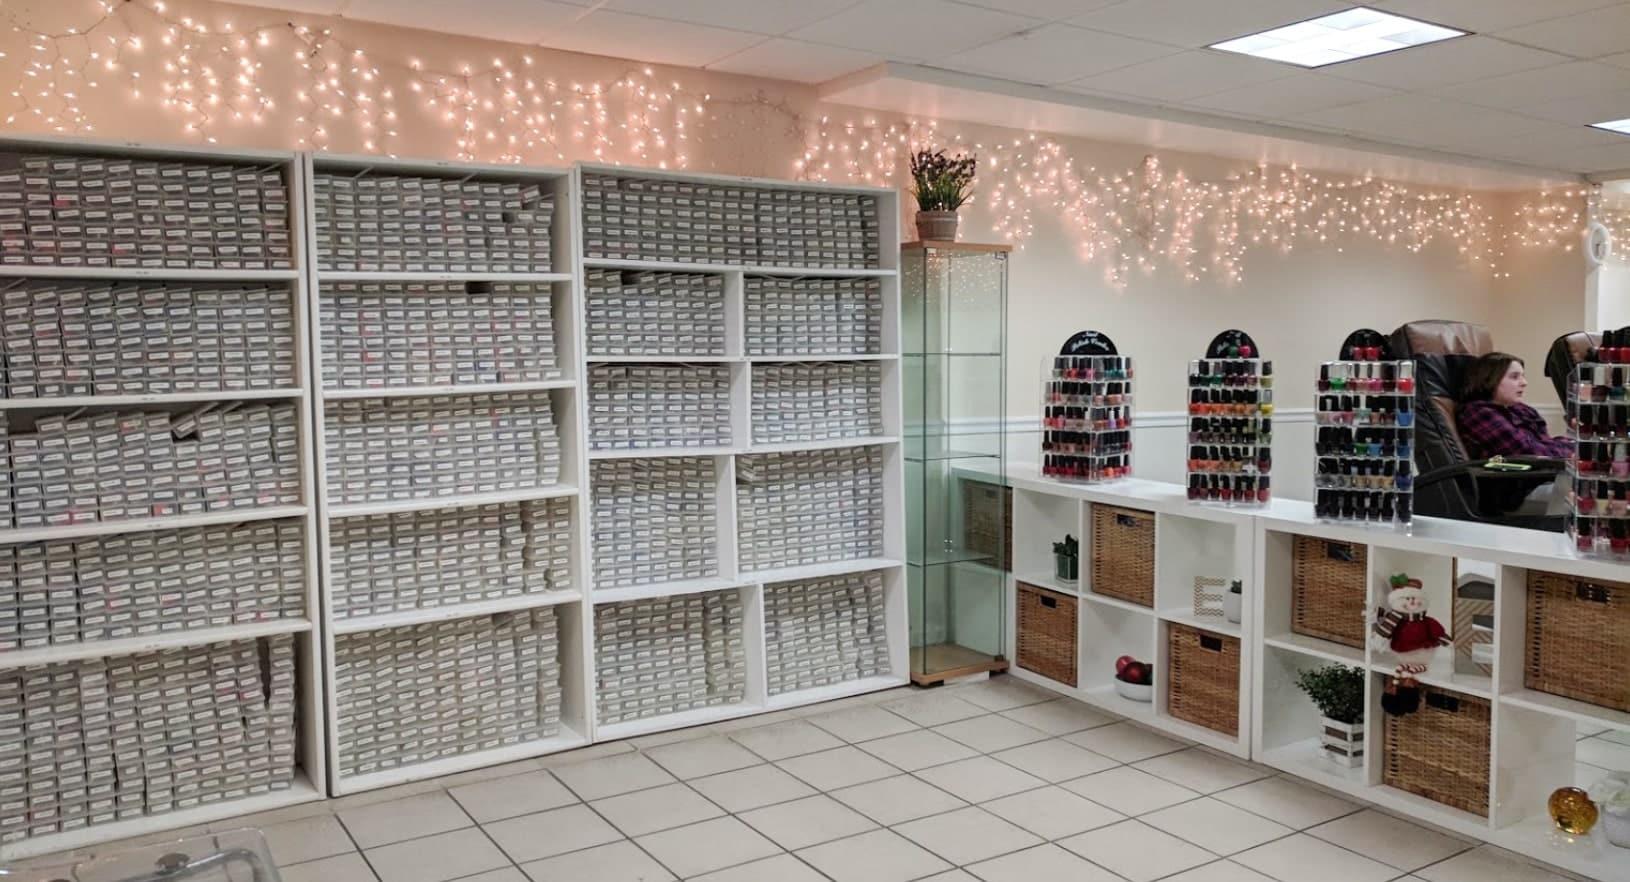 Cần tuyển thợ nail xuyên bang tại Derry, NH-03038